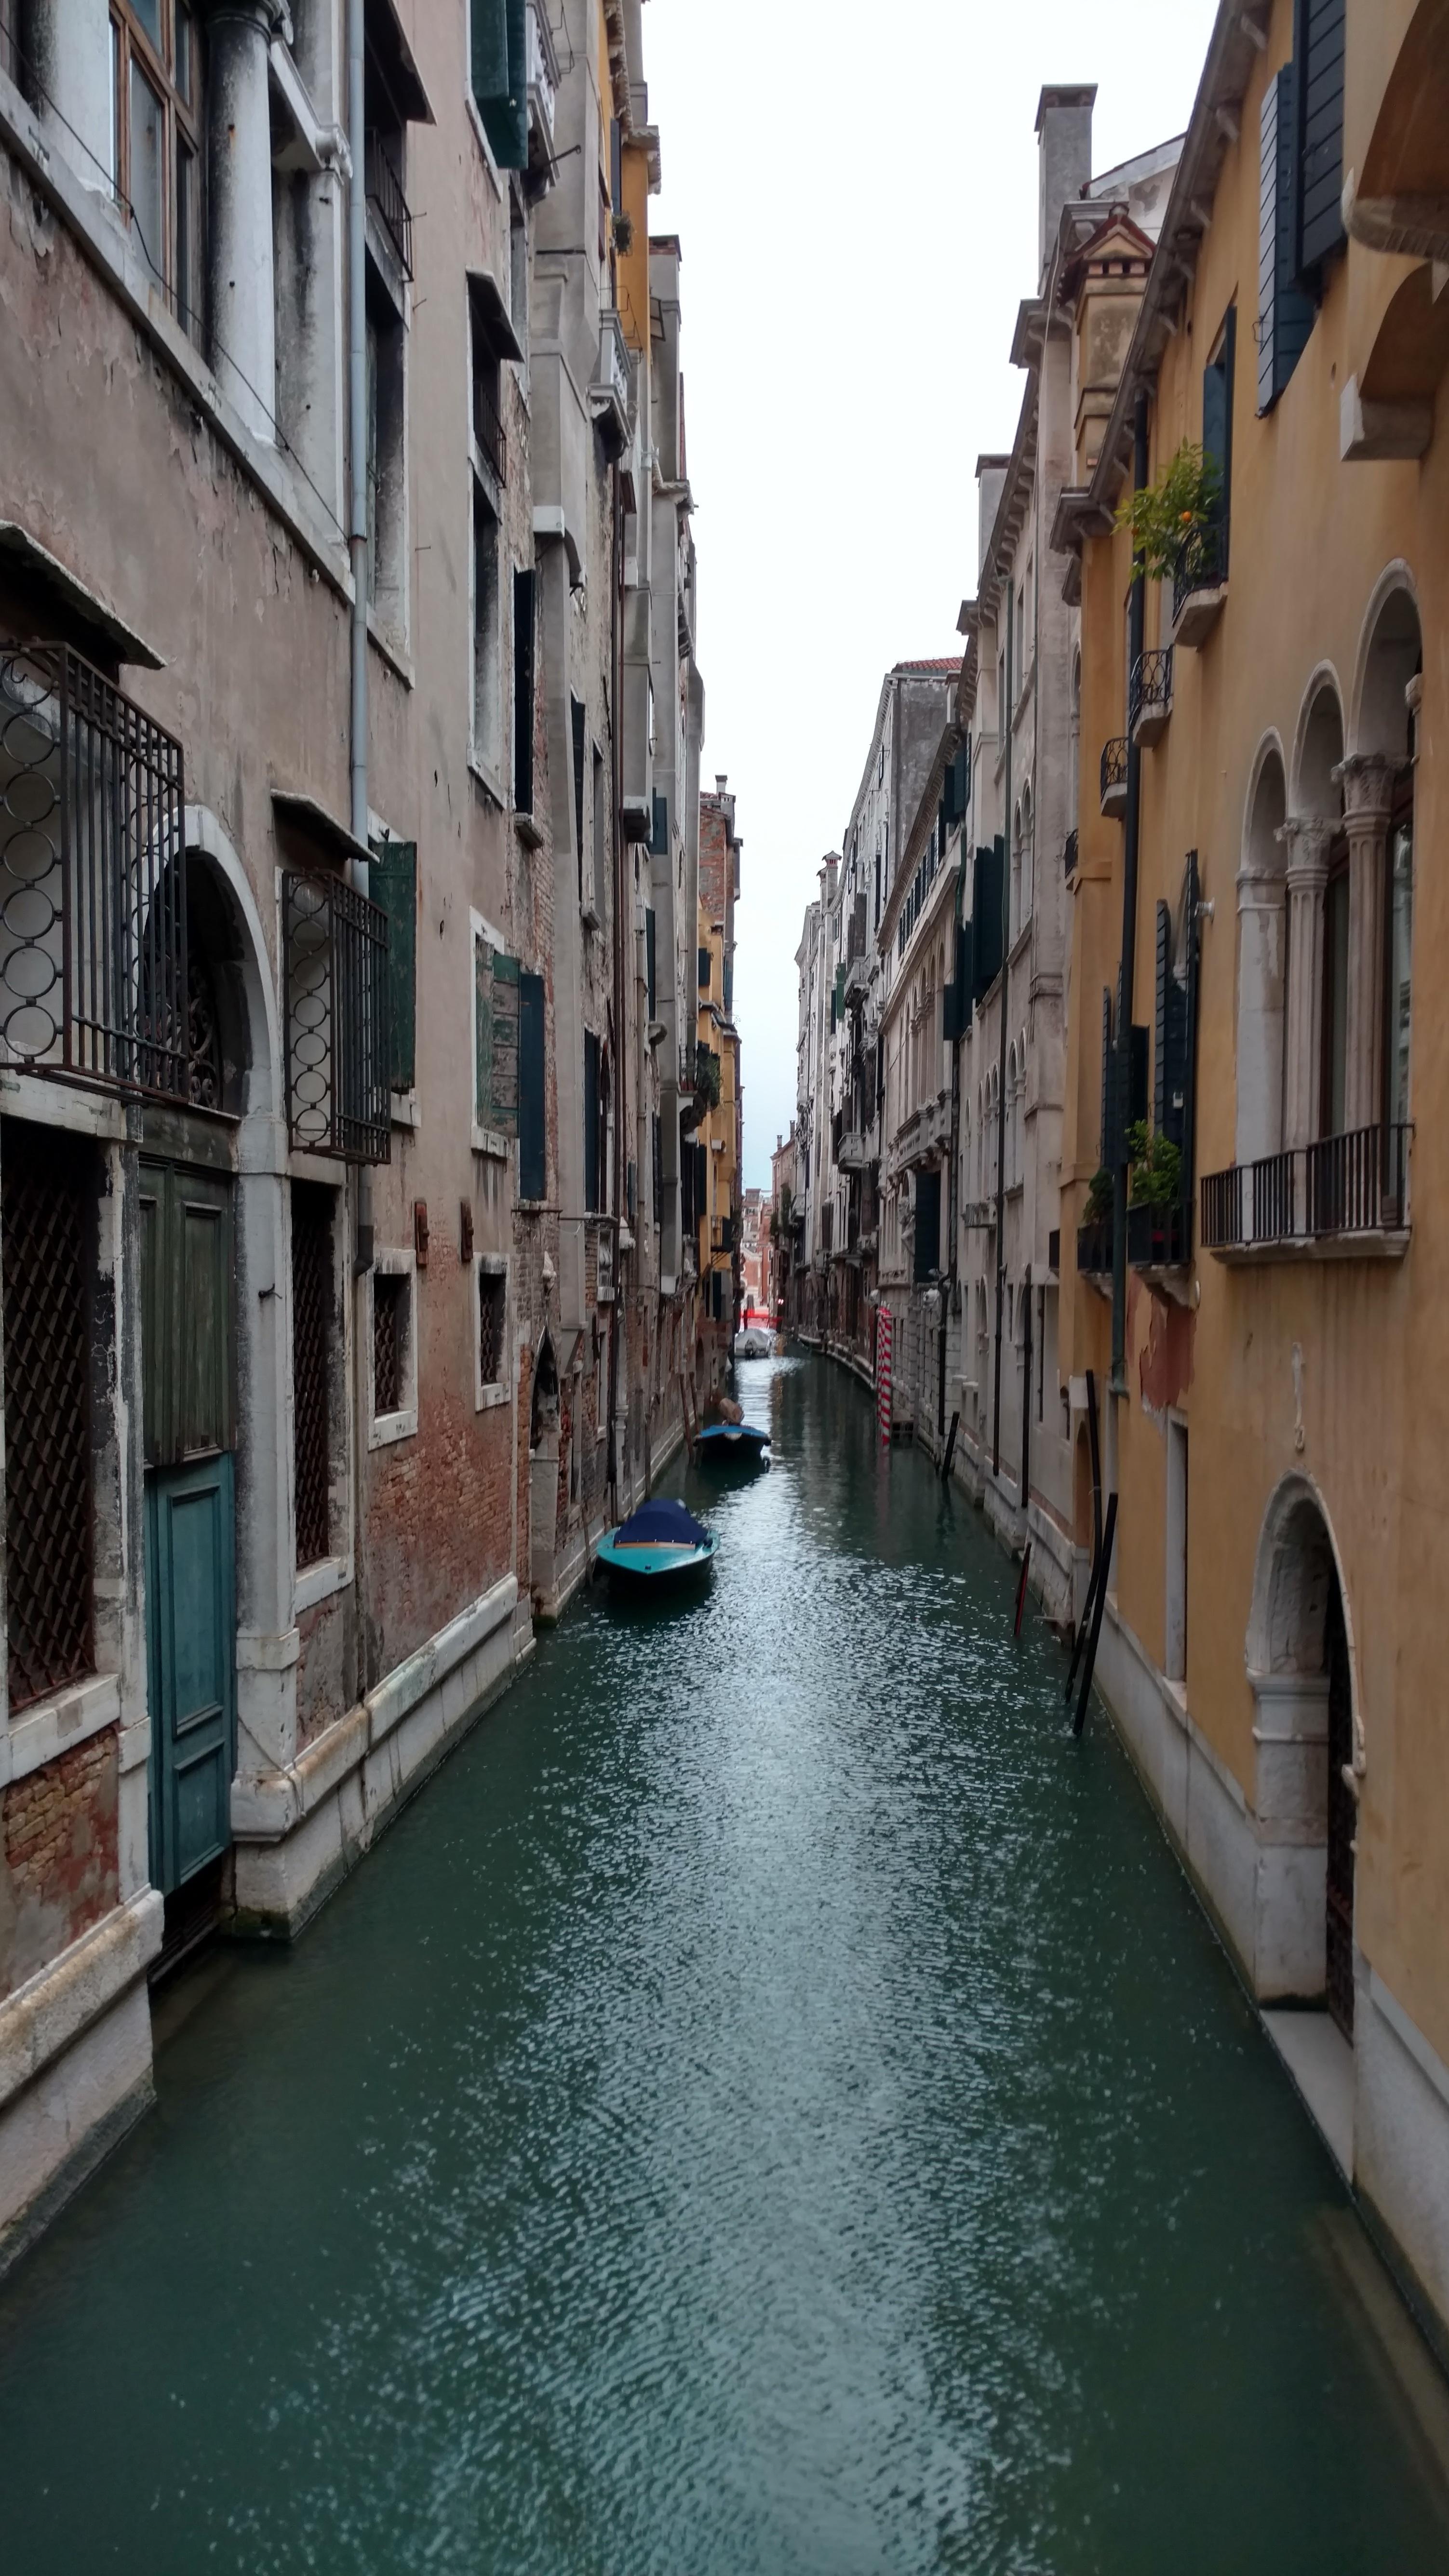 images gratuites   bateau  ville  canal  v u00e9hicule  venise  tourisme  voie navigable  plan d u0026 39 eau